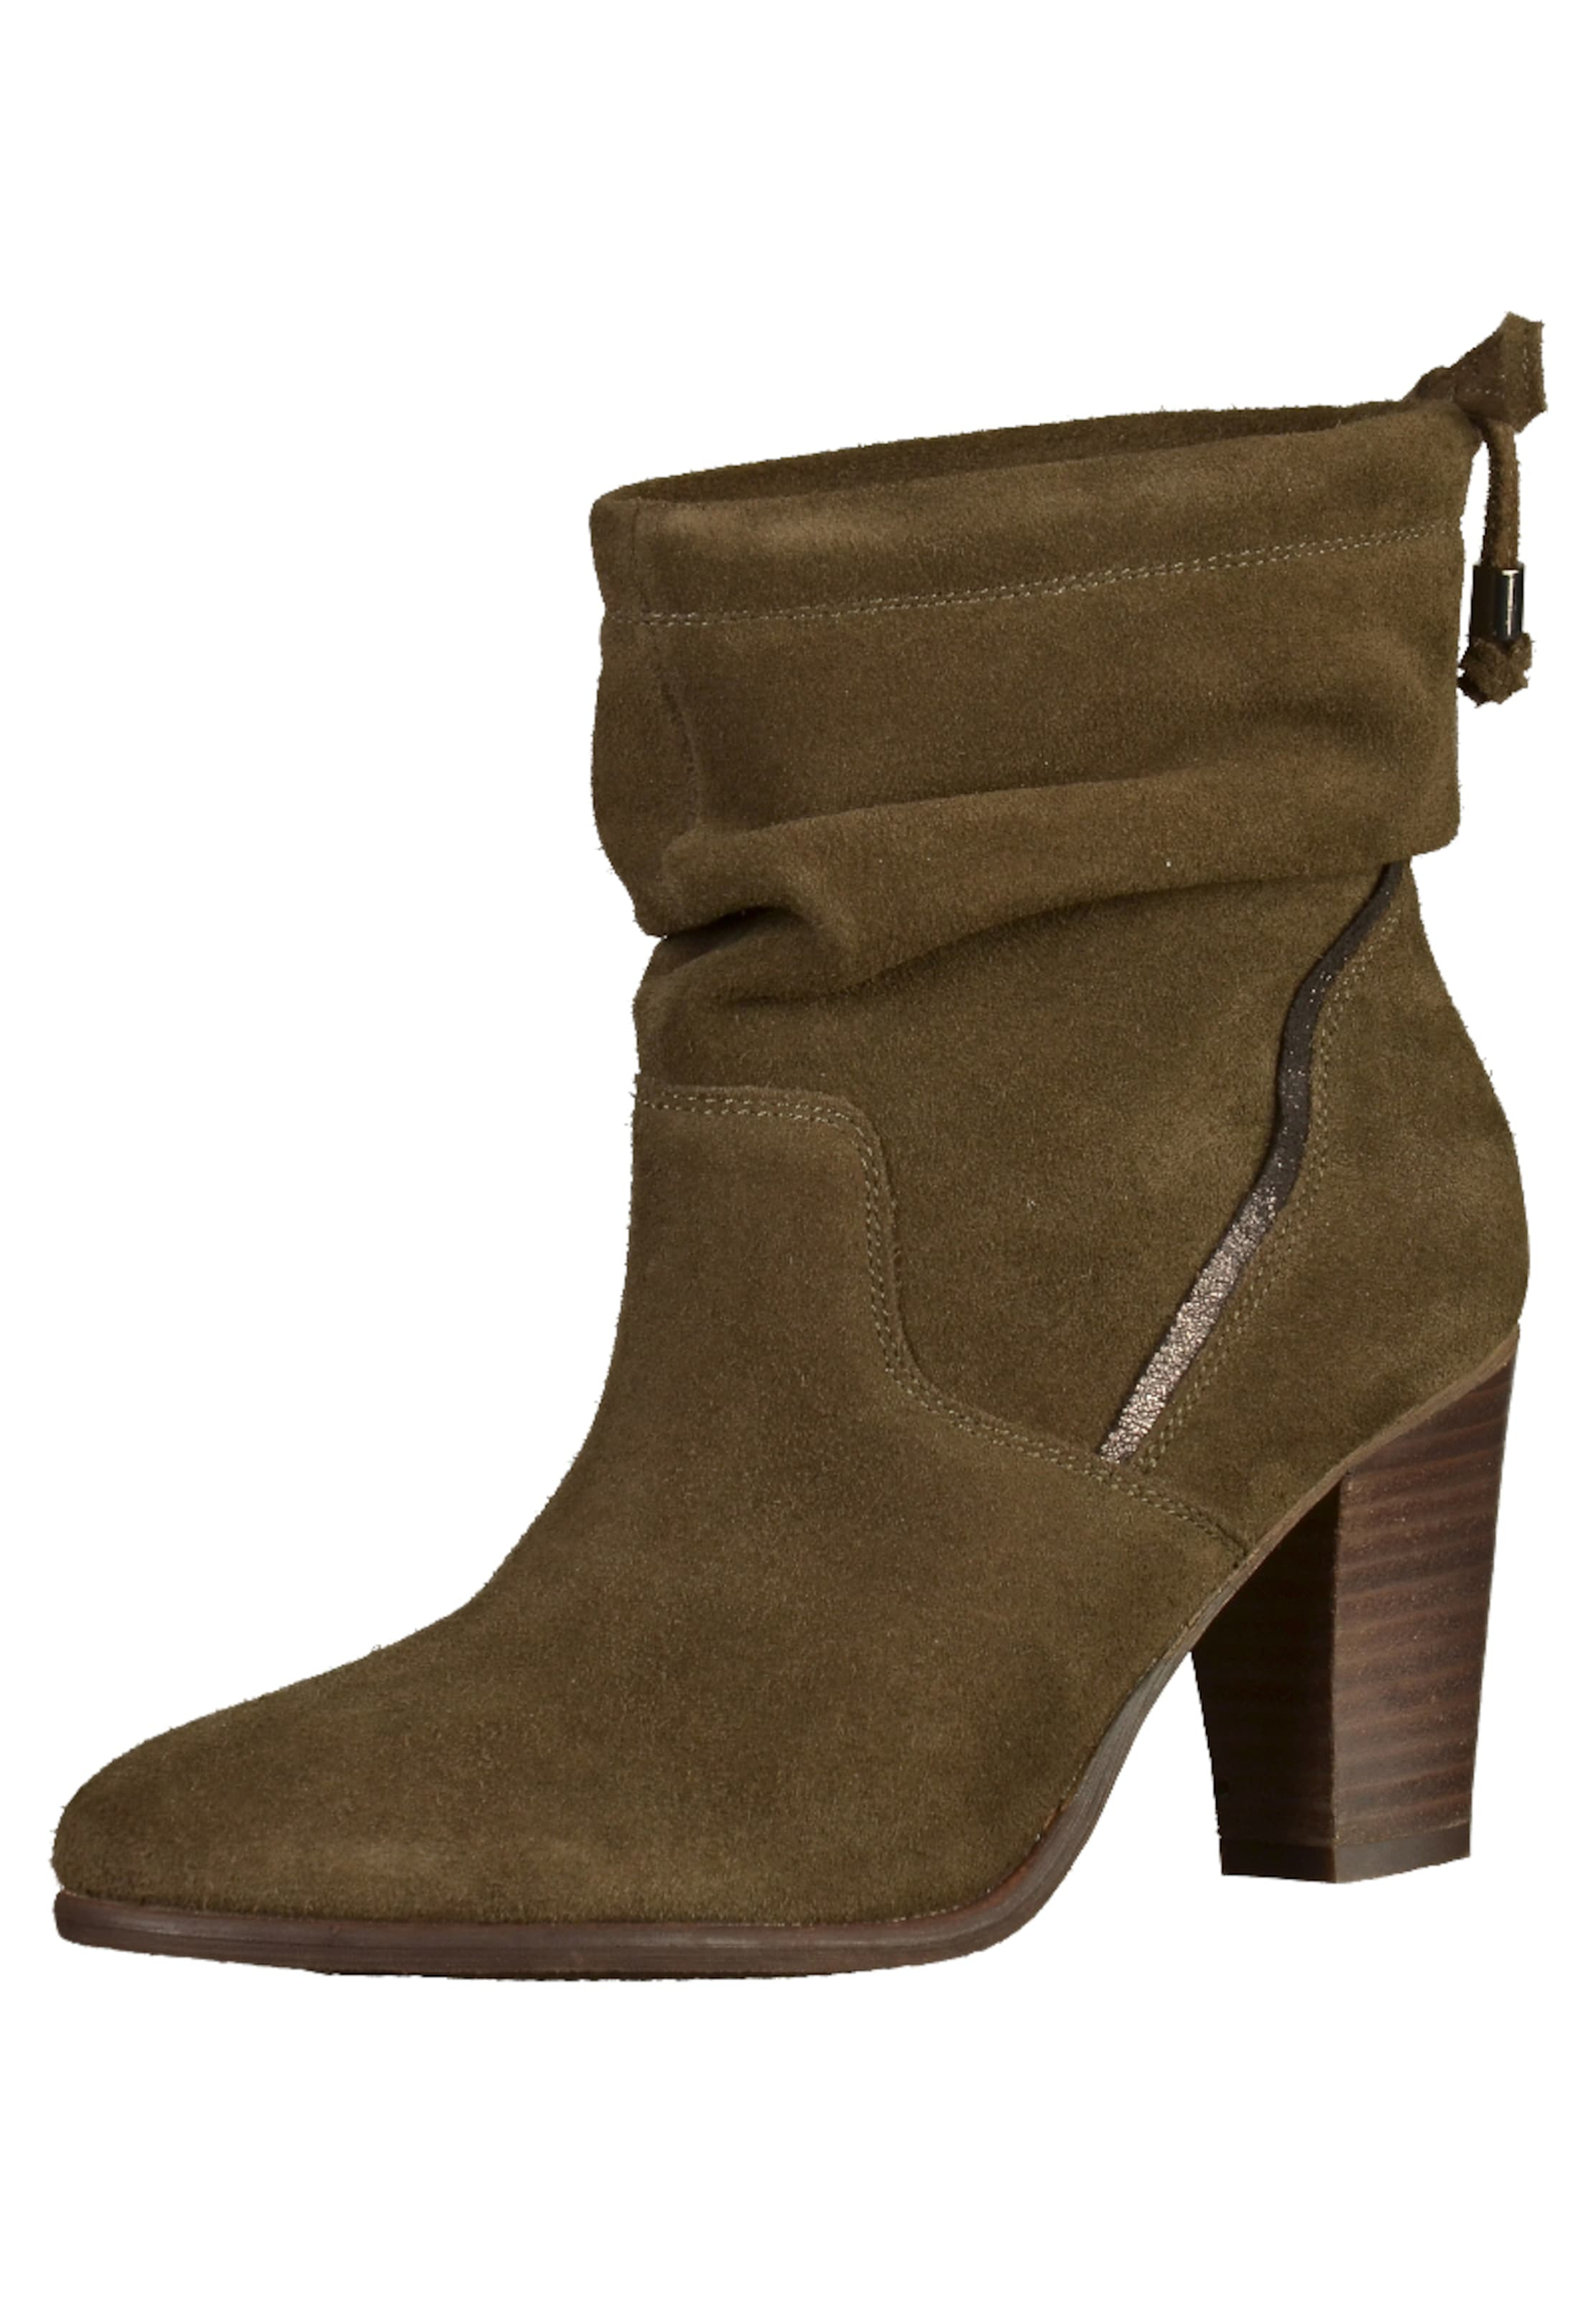 SPM Stiefelette Günstige und langlebige Schuhe